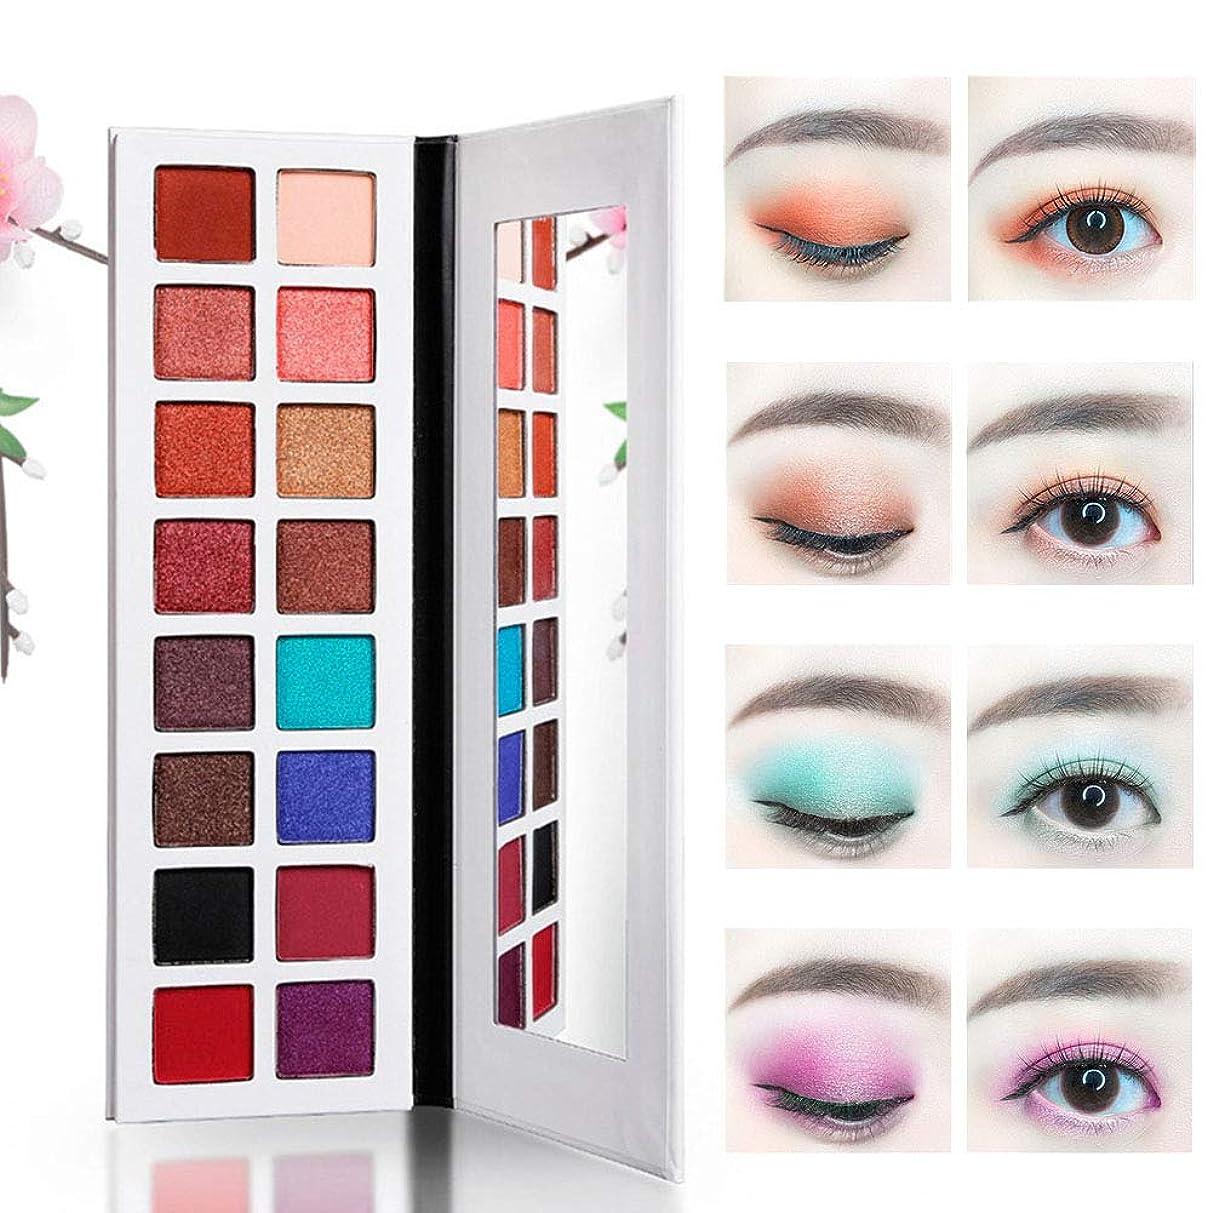 願う望み巨大Symboat Eyeshadow 16色 アイシャドウパレット長続きファッション 化粧品 女性用 ヌードメイク自然立体 高発色 初心者アイシャドウ激安 ラメ ラメ入り